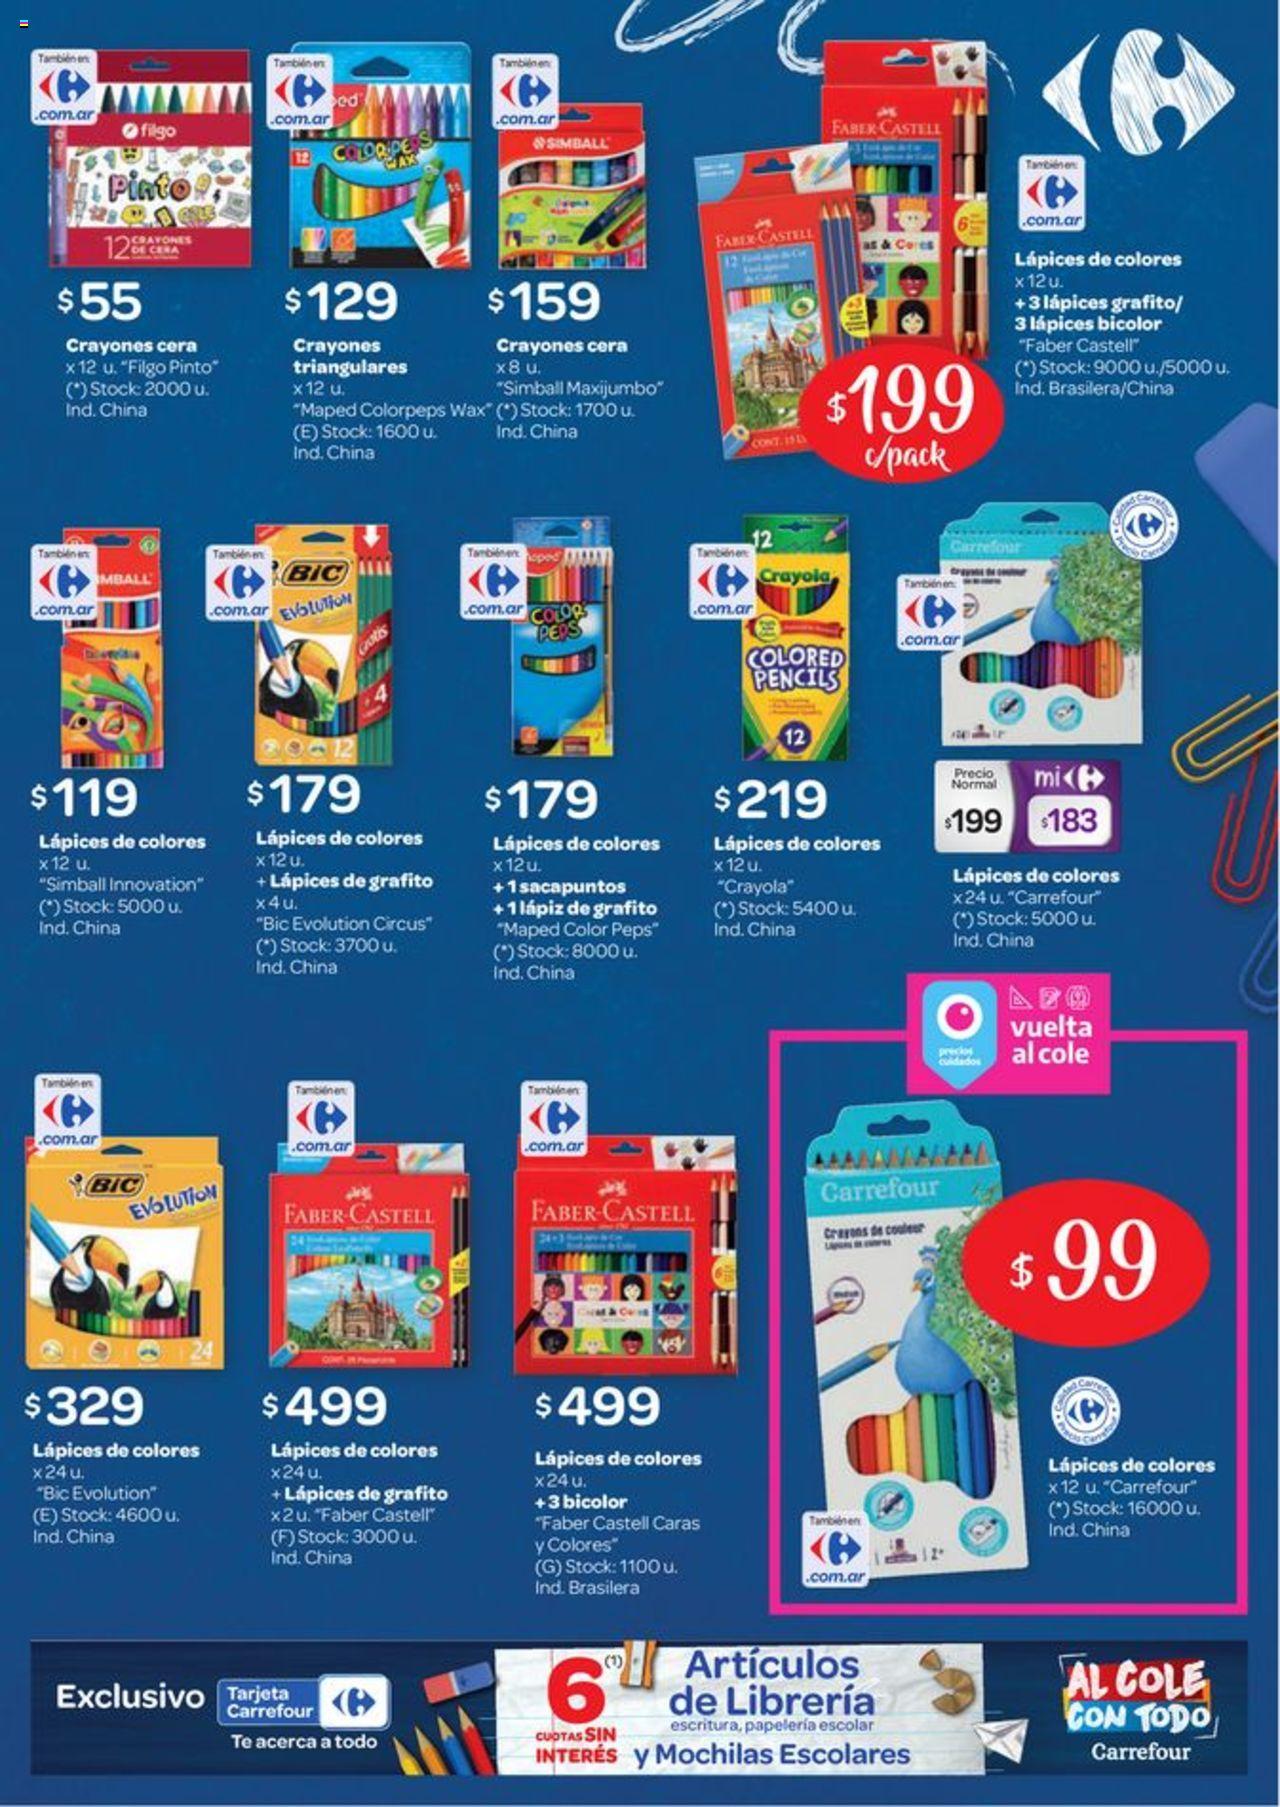 Carrefour Oferta válido desde el 13/02/2020 número de página 1 | Página: 11